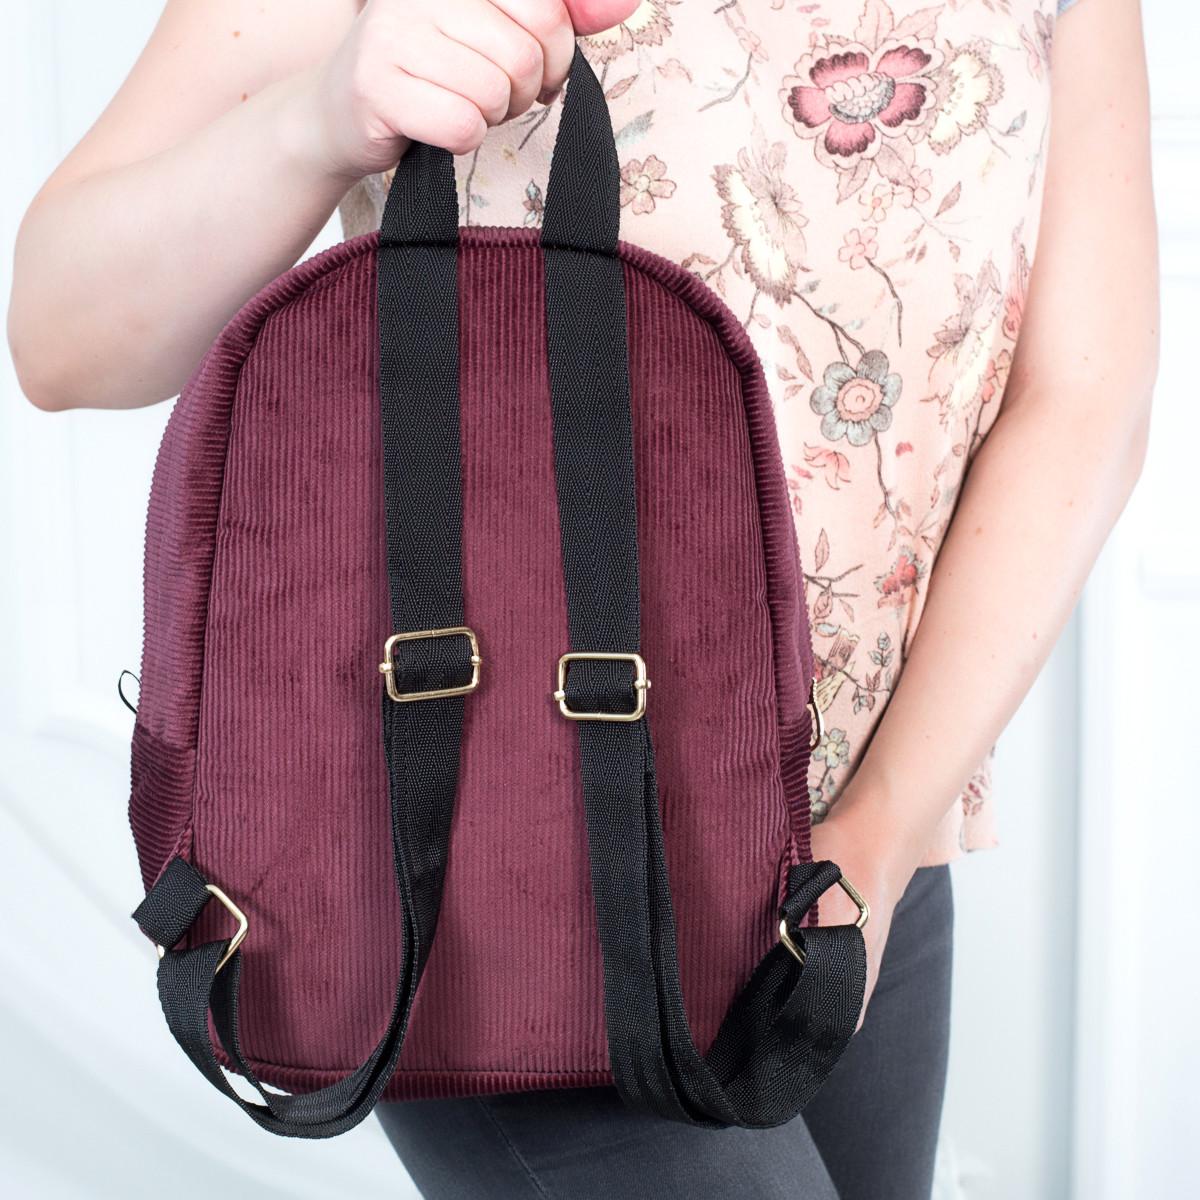 Городской женский вельветовый рюкзак Mayers, бордовый, фото 5